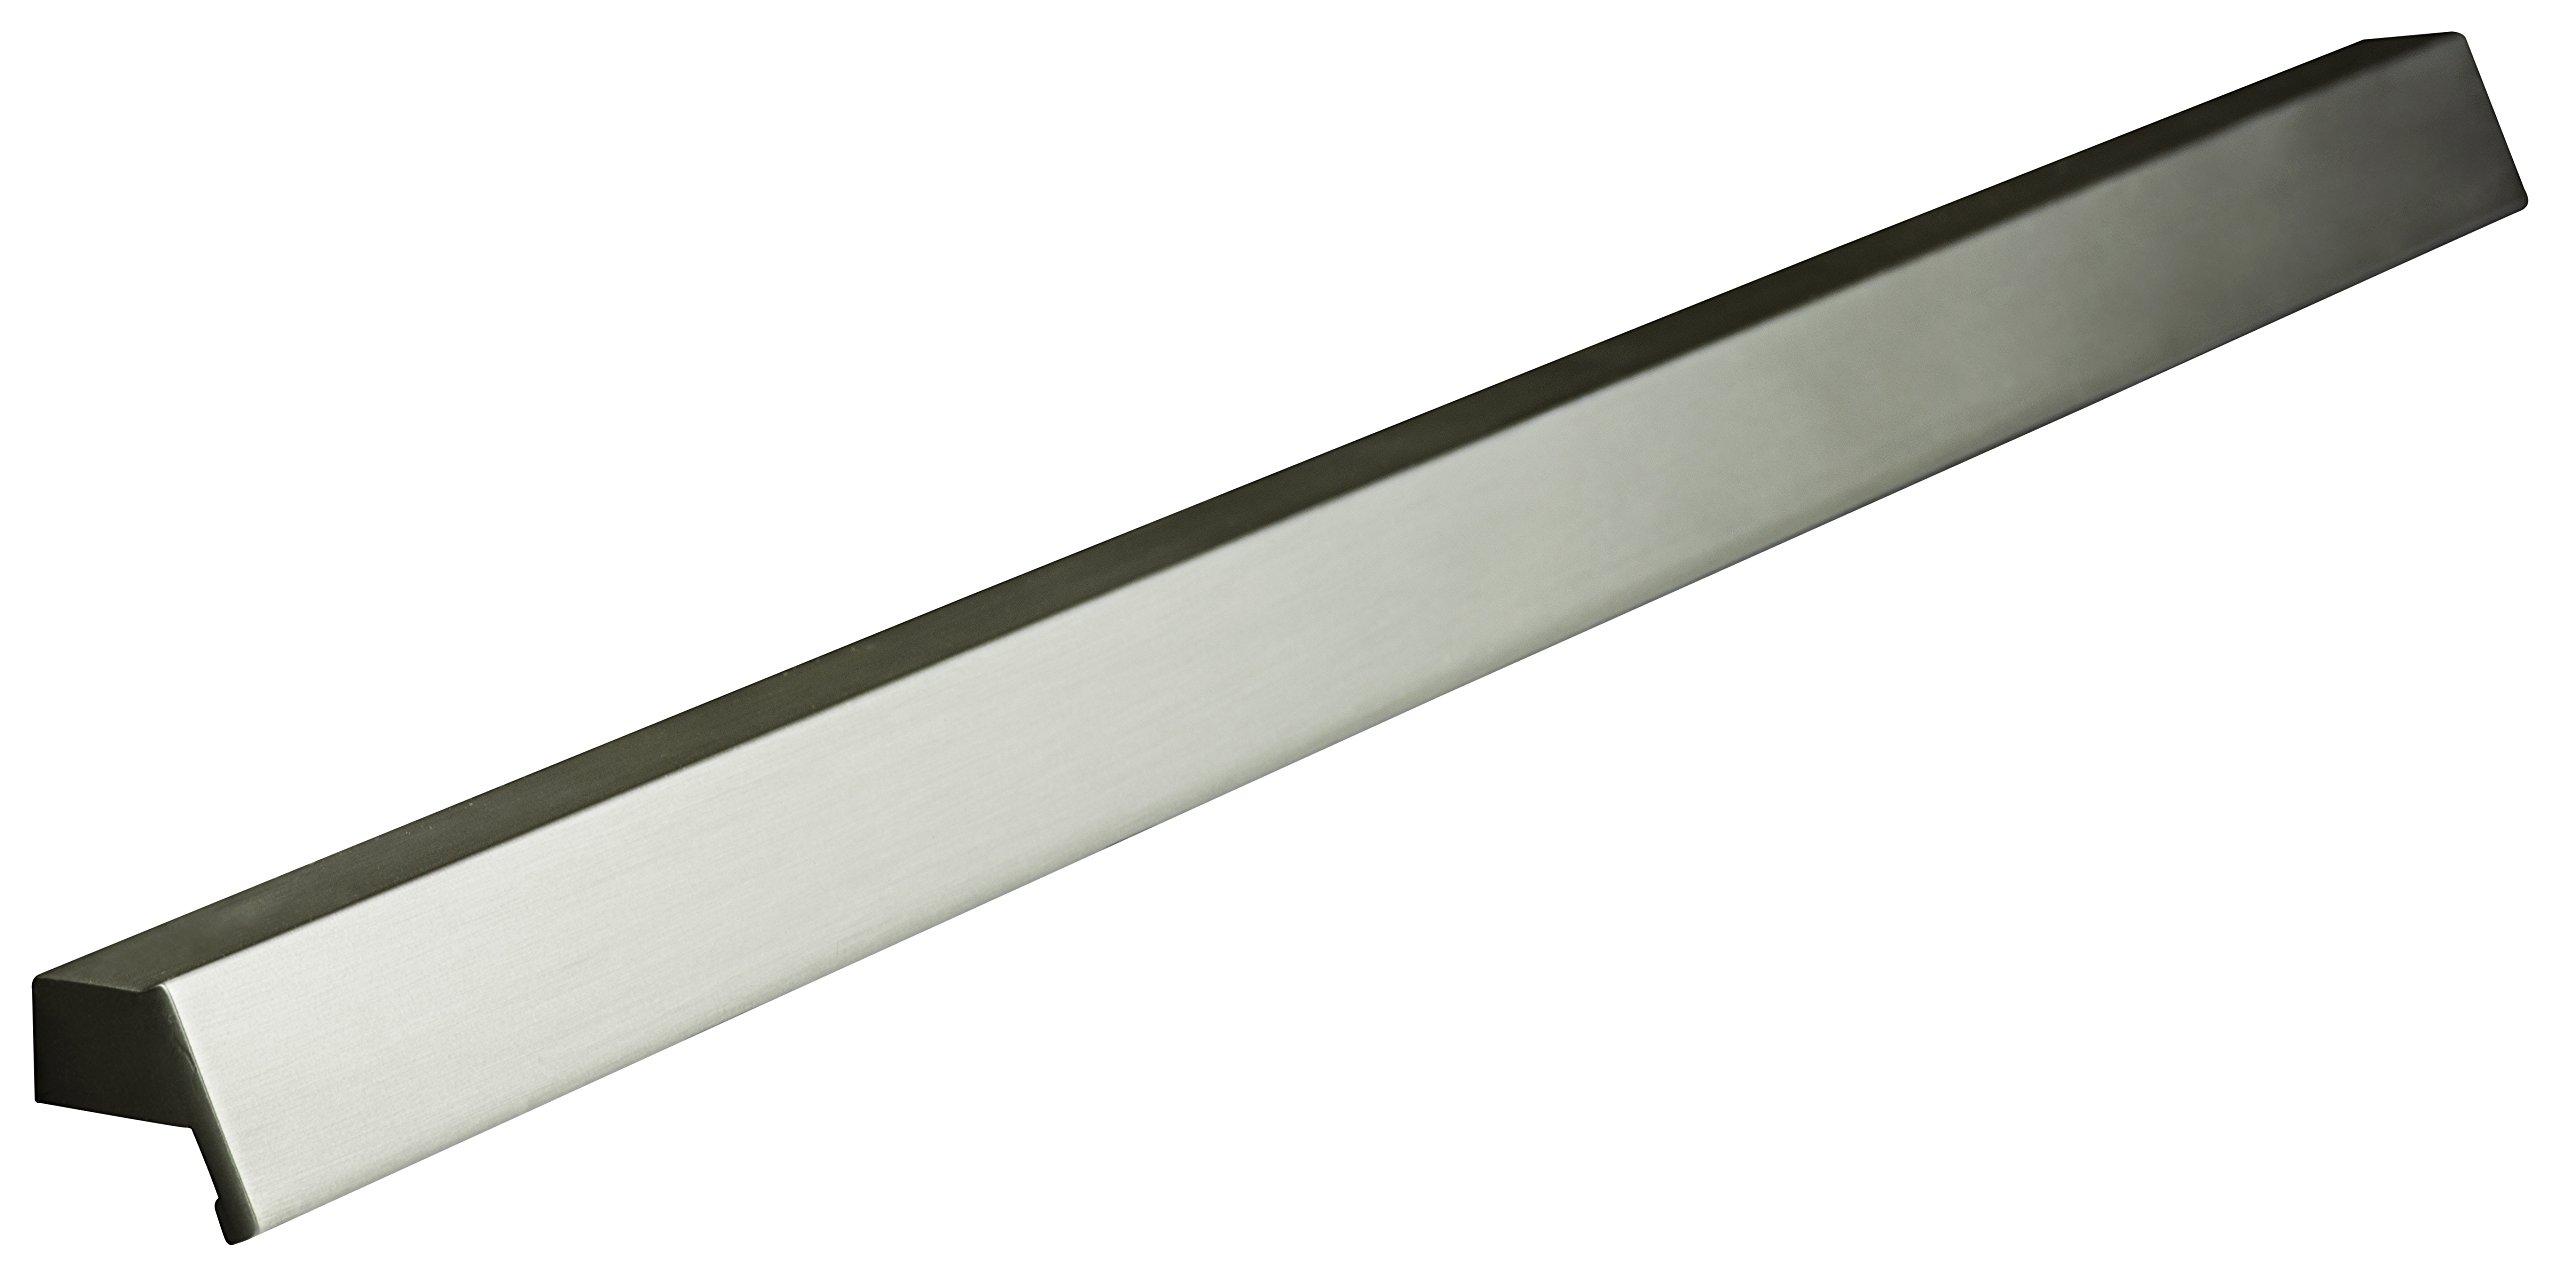 ZEN Design ZP0178.779 Ken Cabinet Hardware Centers Handle Pull, 7 1/2'', Brushed Nickel by ZEN Design